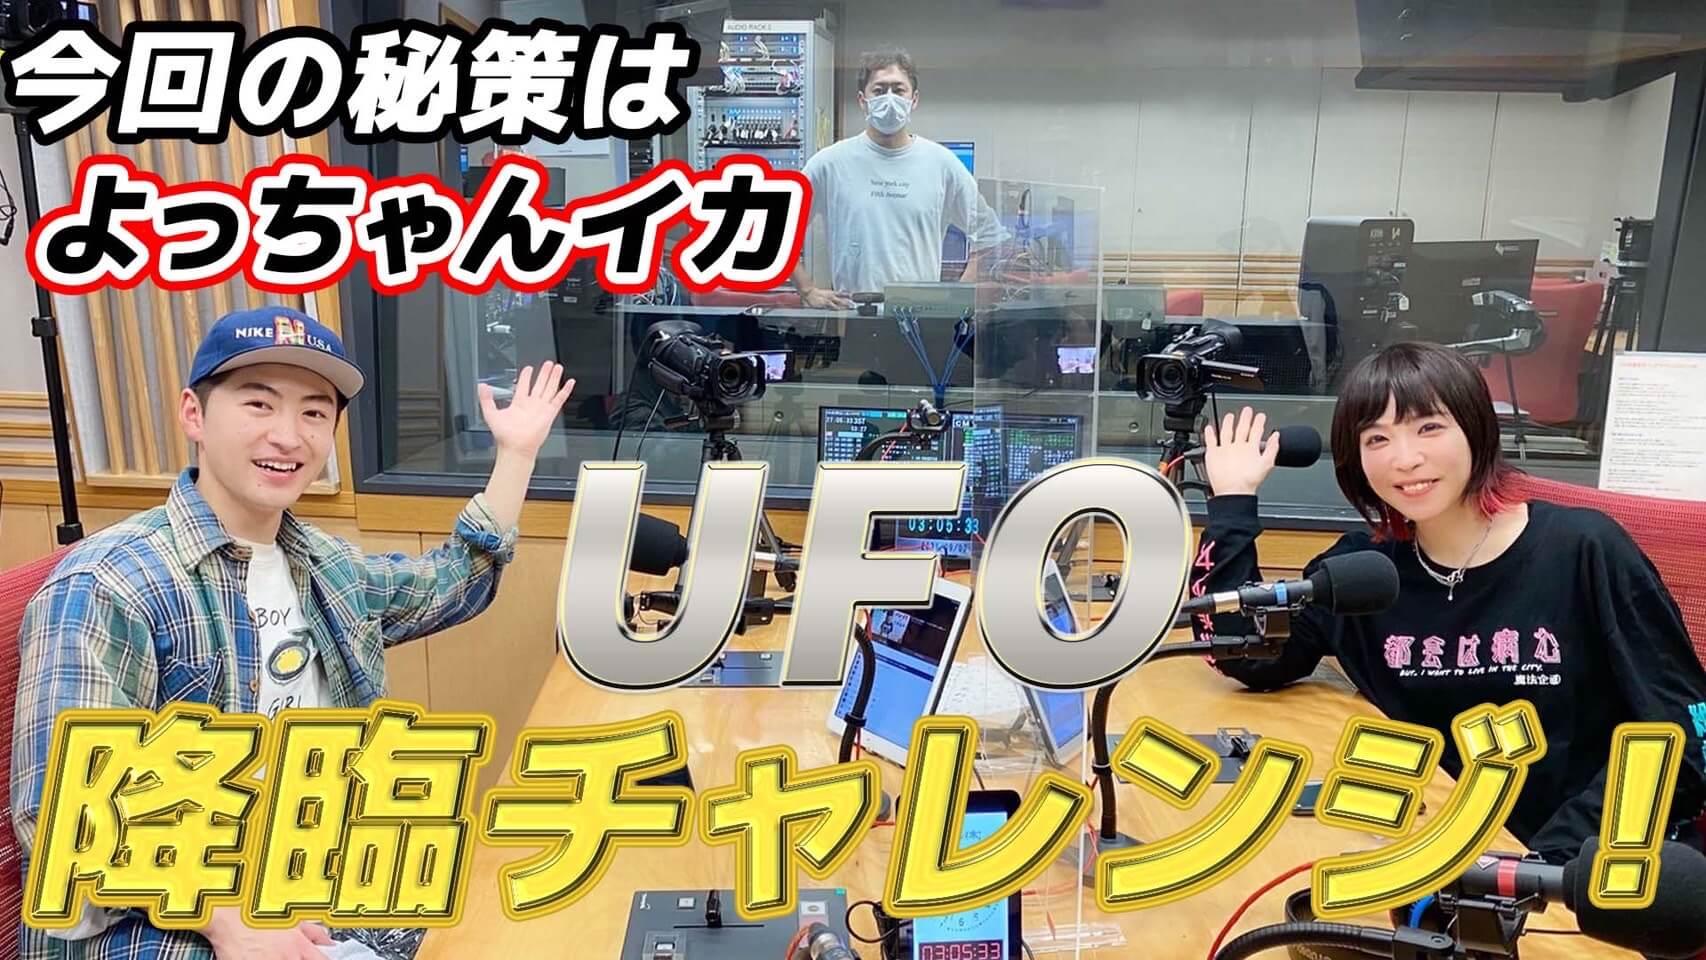 UFO降臨チャレンジ!今回の秘策は「よっちゃんイカ」